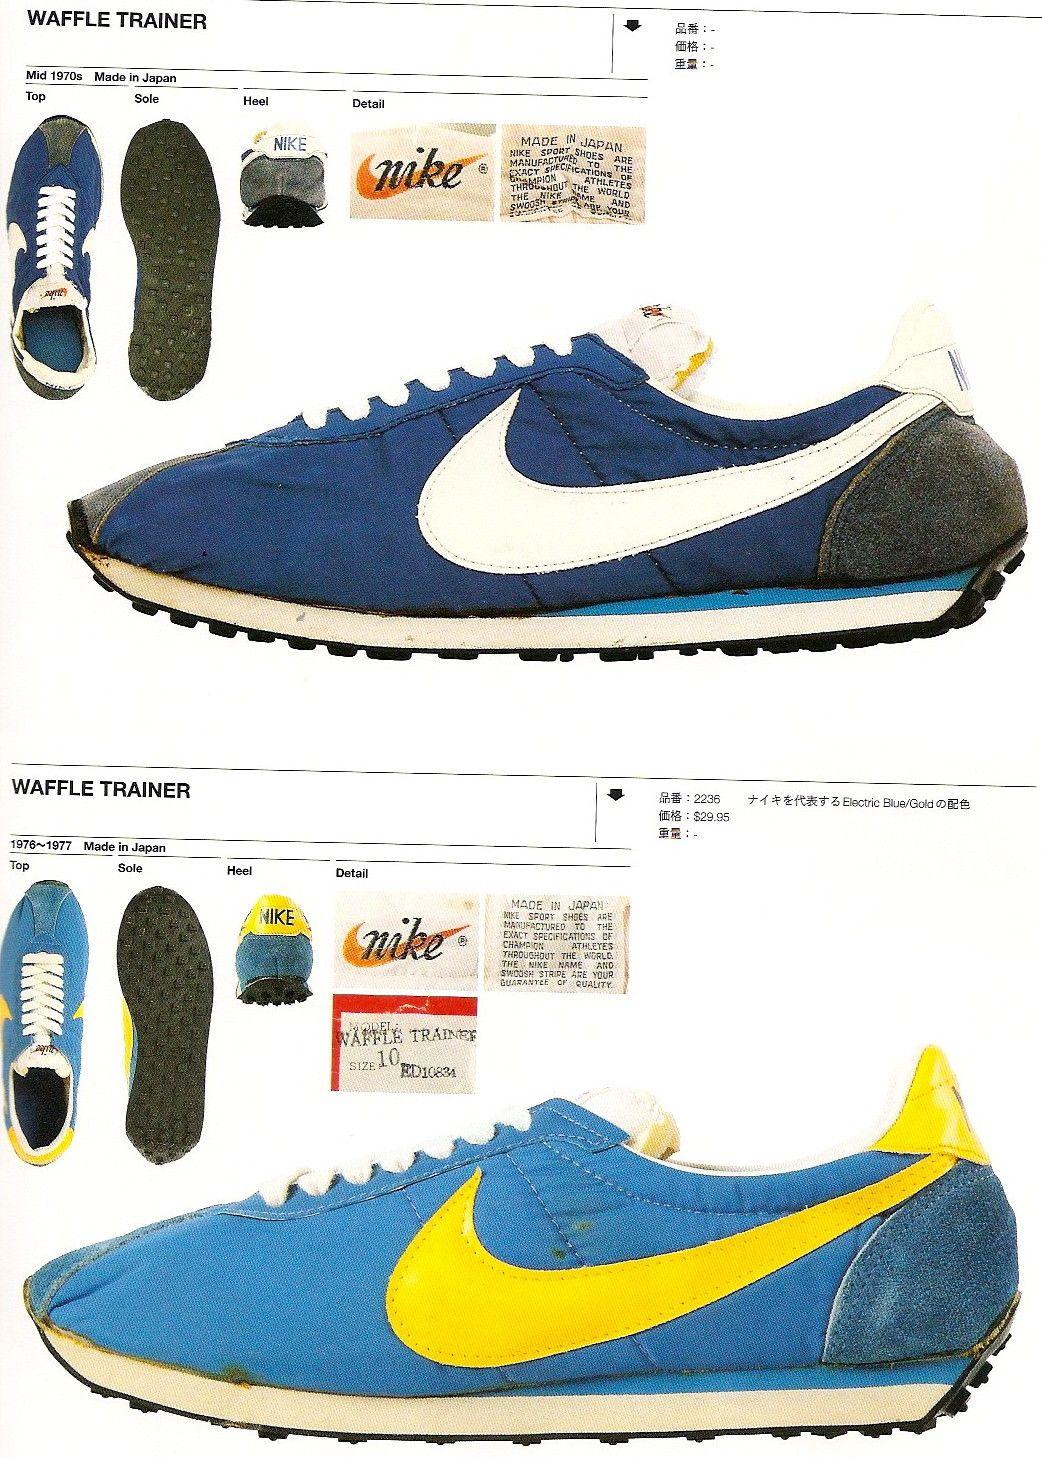 online store 6ff75 a747e Deportes, Nike Waffle Trainer, Zapatillas Vintage, Nike De Época,  Zapatillas Para Correr